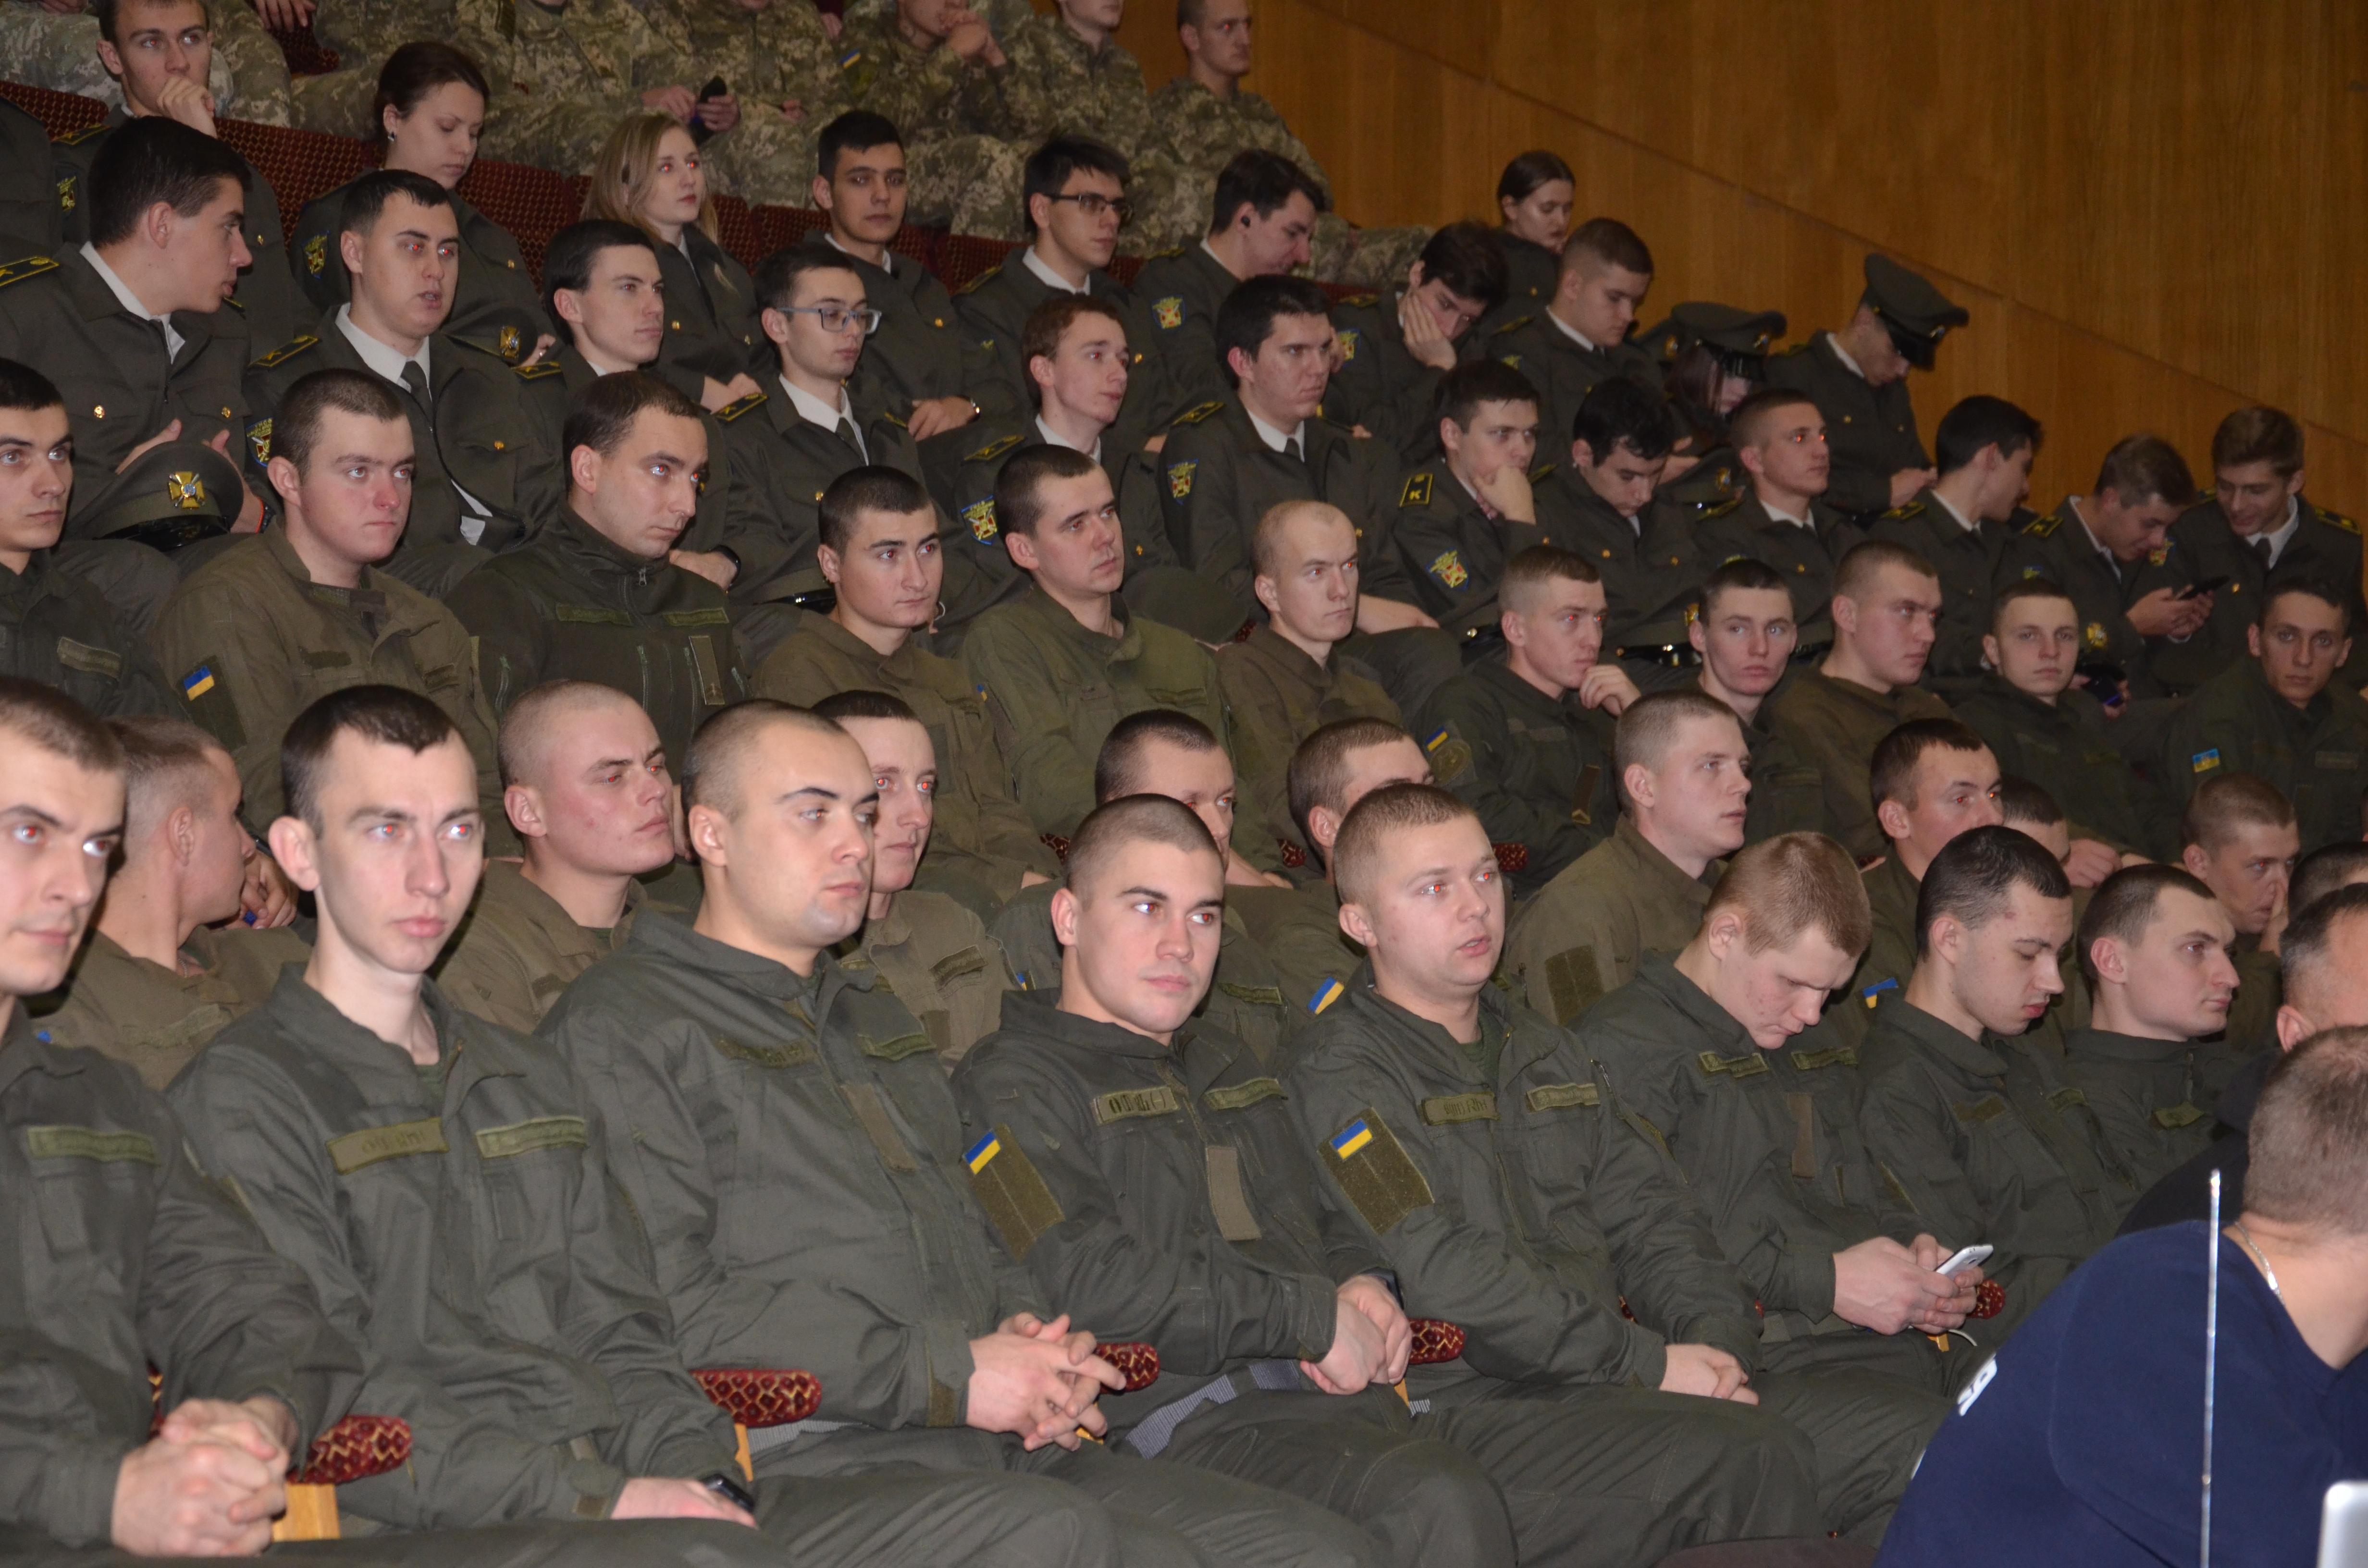 Свято організували до Дня Збройних Сил України